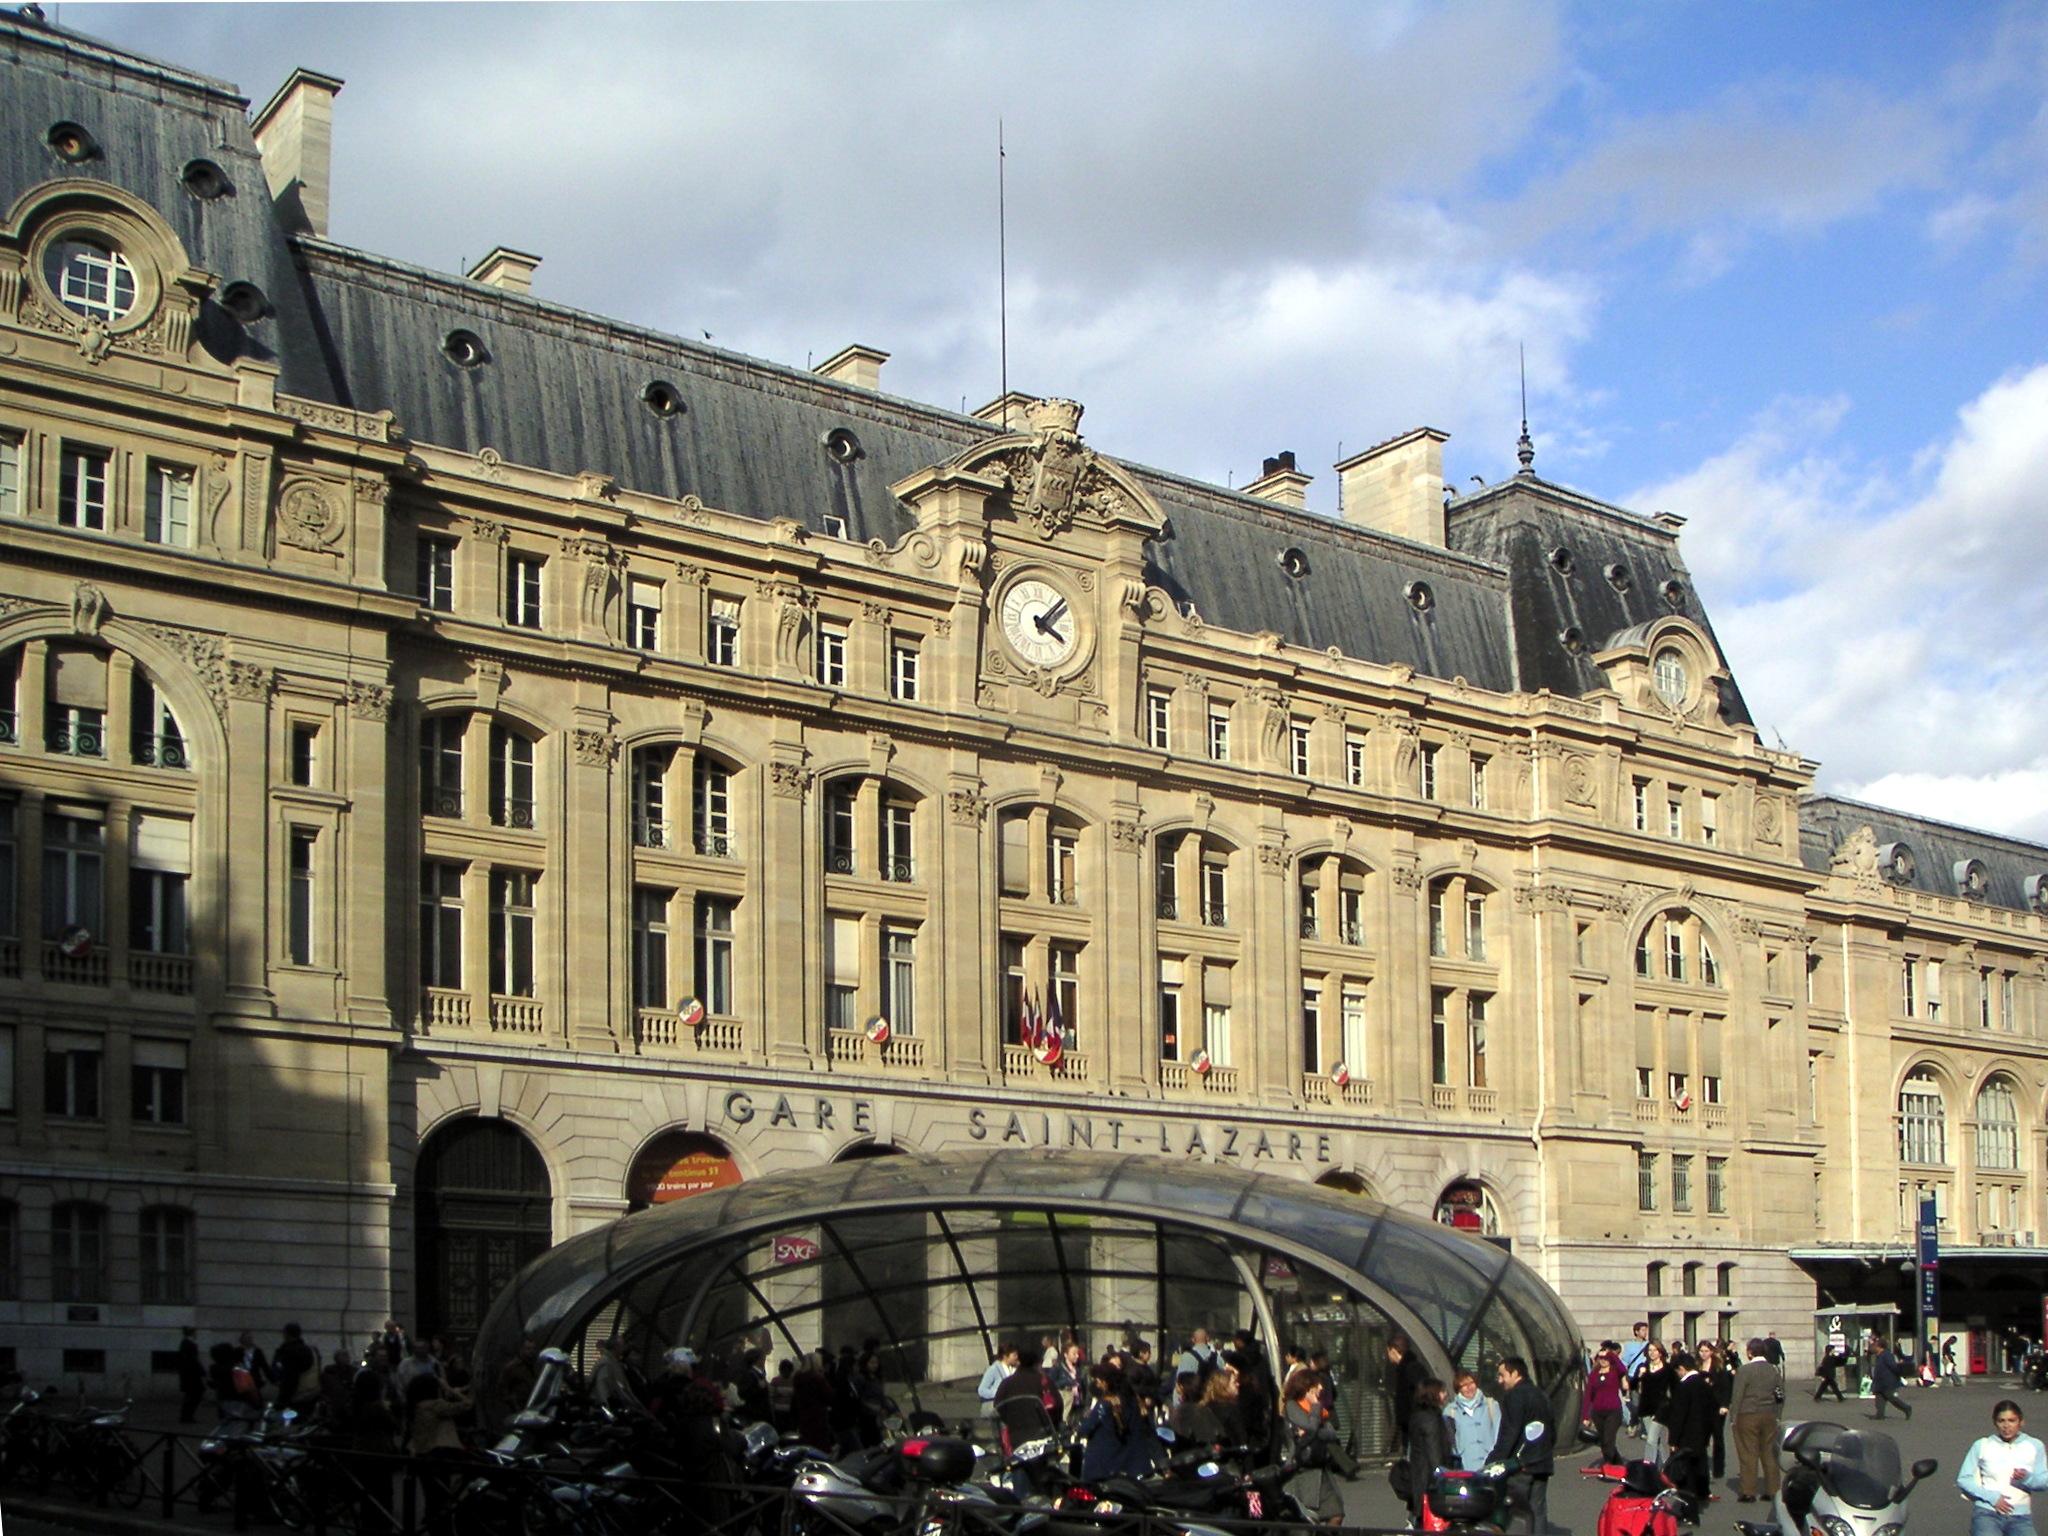 Saint Lazare Paris Restaurant